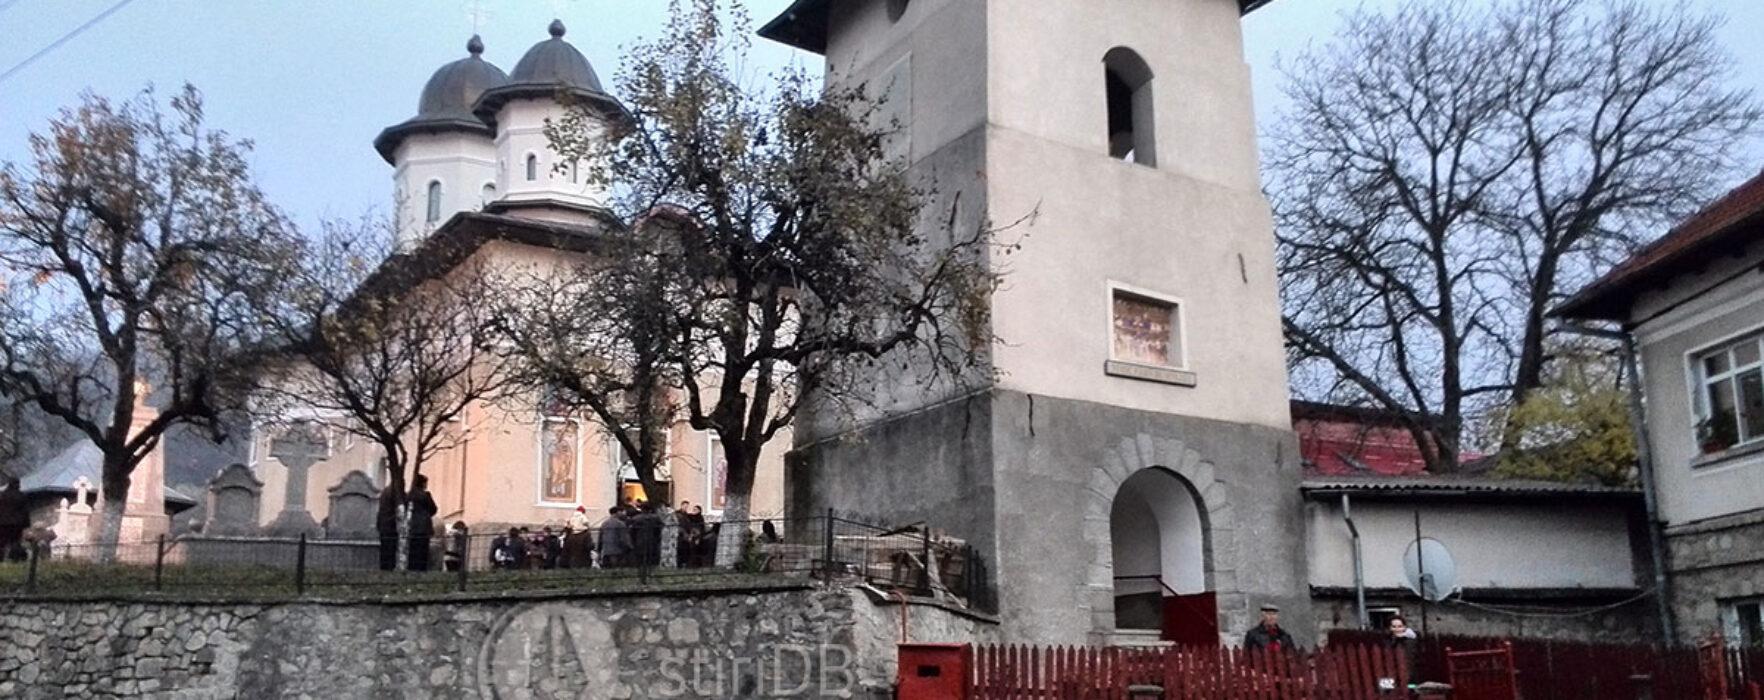 Biserica din Pietroşiţa, deschisă spre slujire, după incendiul de acum câţiva ani